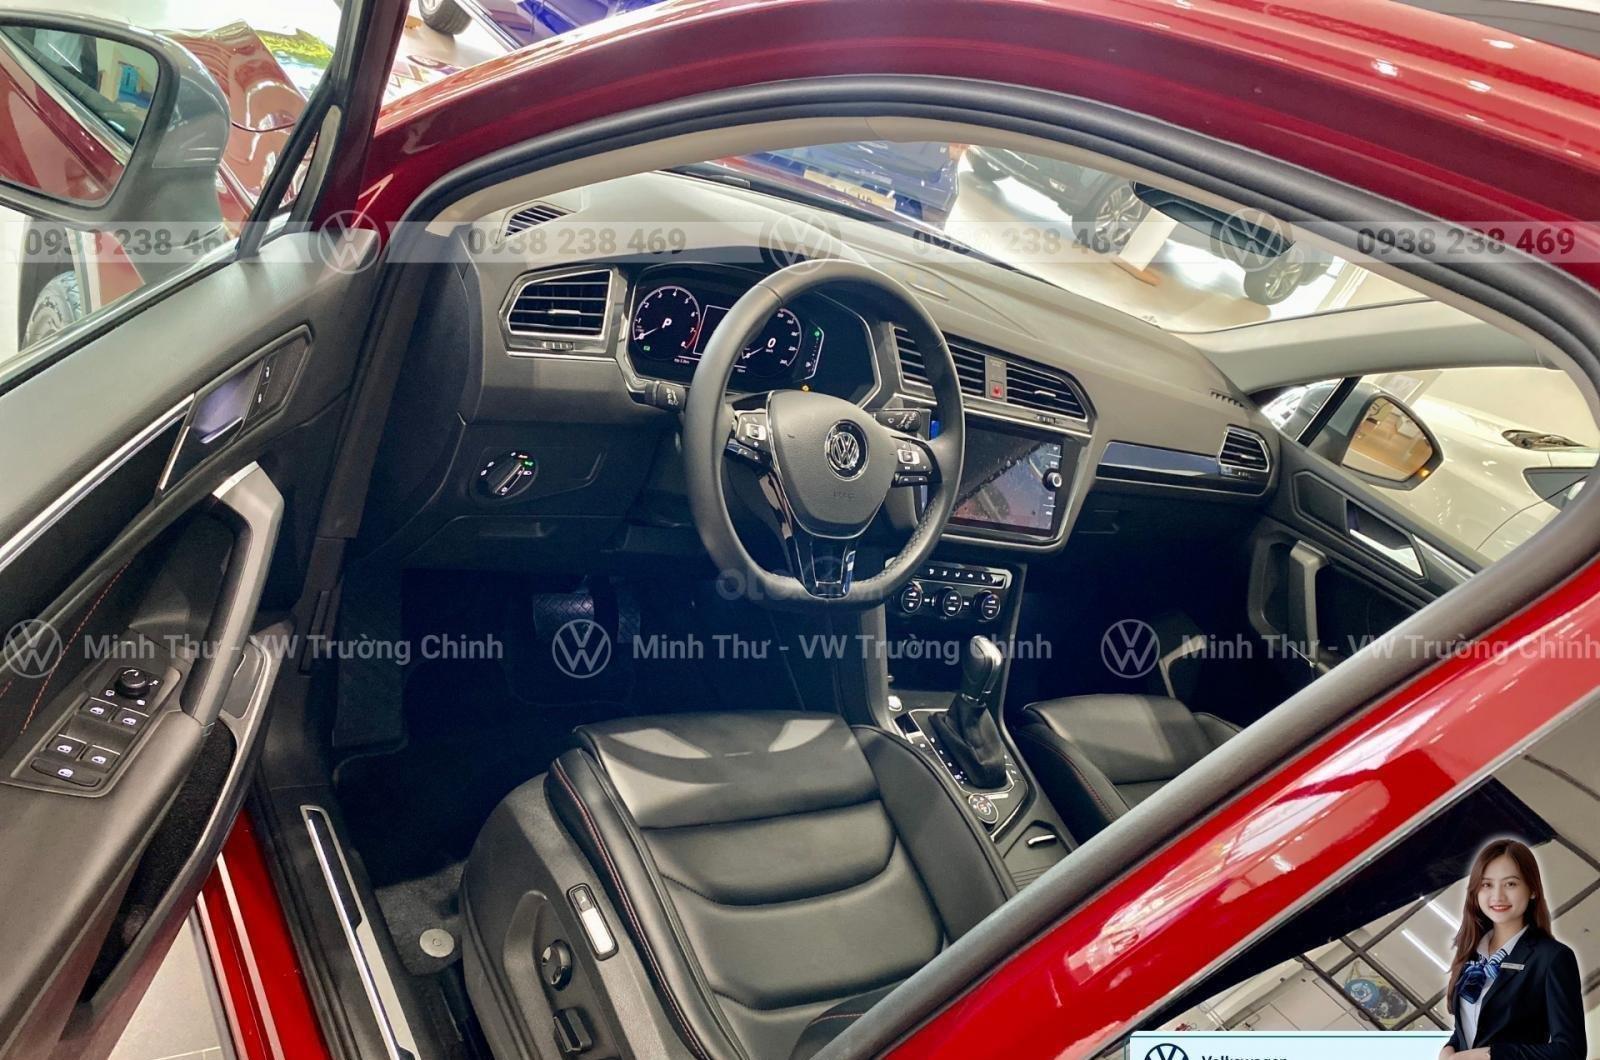 Cập nhật bảng giá xe + chương trình khuyến mãi tháng 10 Tiguan Luxury và Luxury S, liên hệ Minh Thư vw Sài Gòn (11)